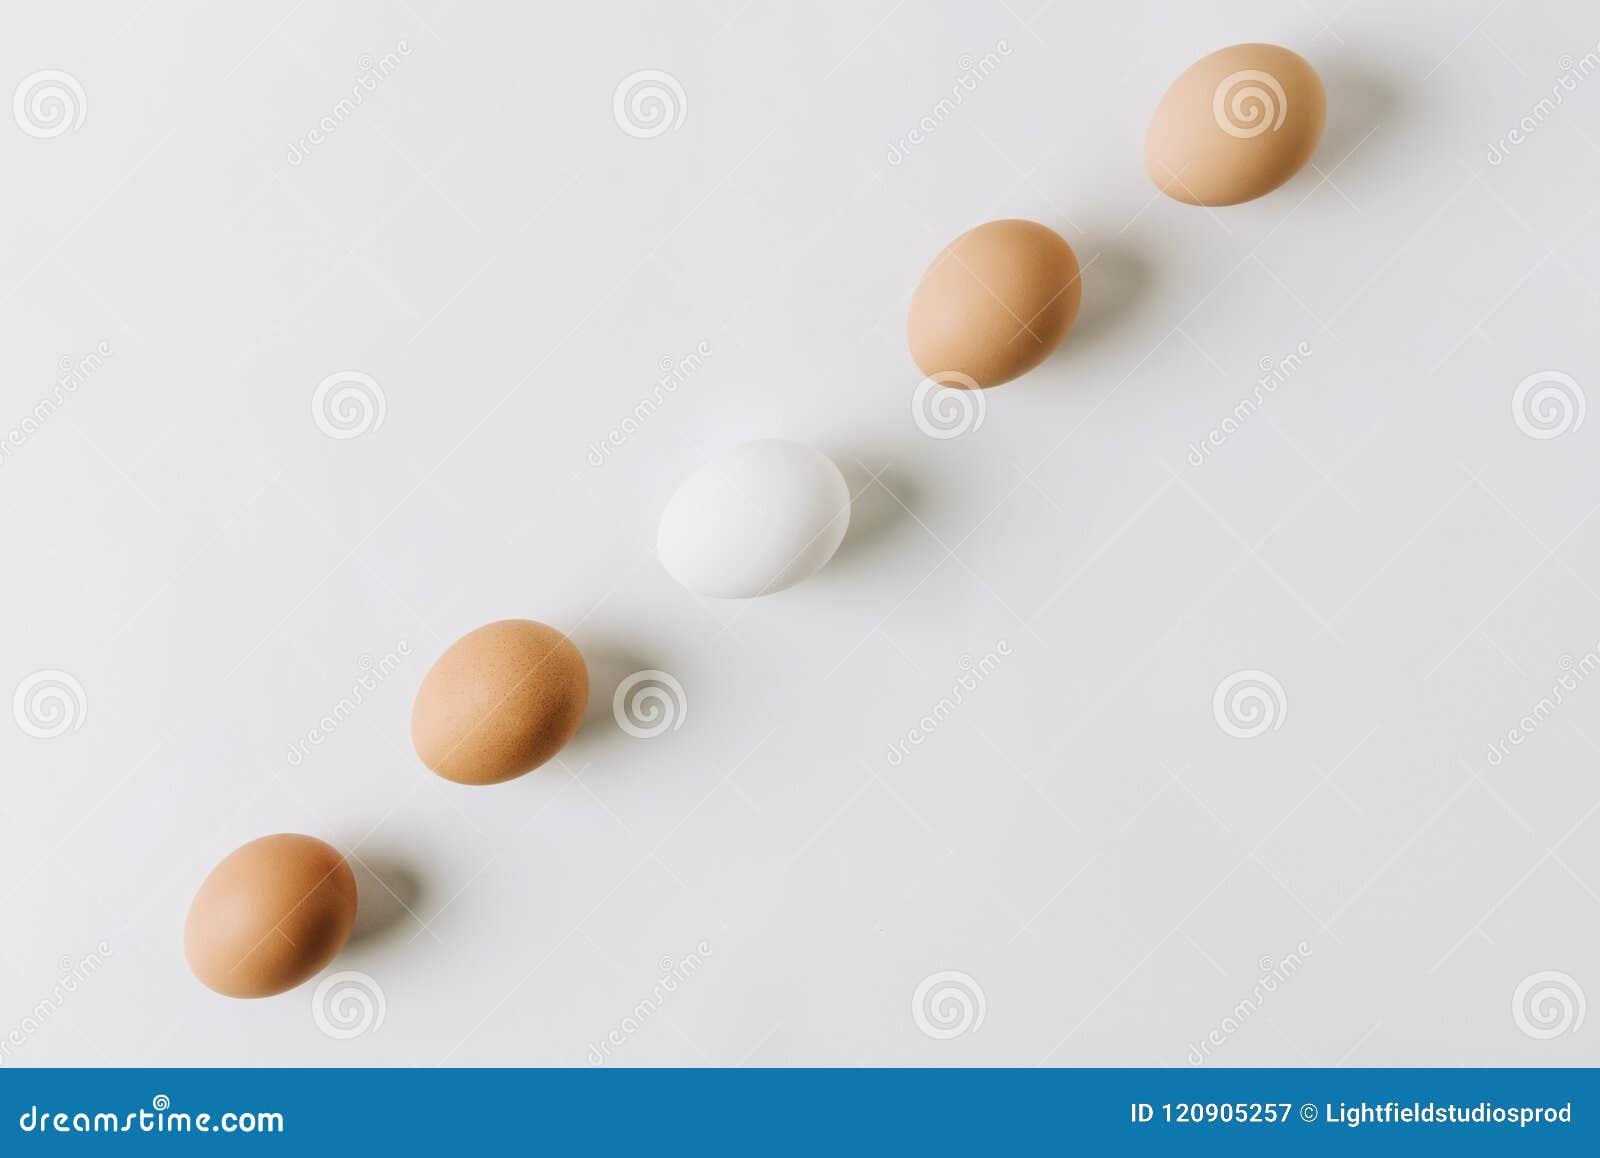 Ovos brancos e marrons em seguido